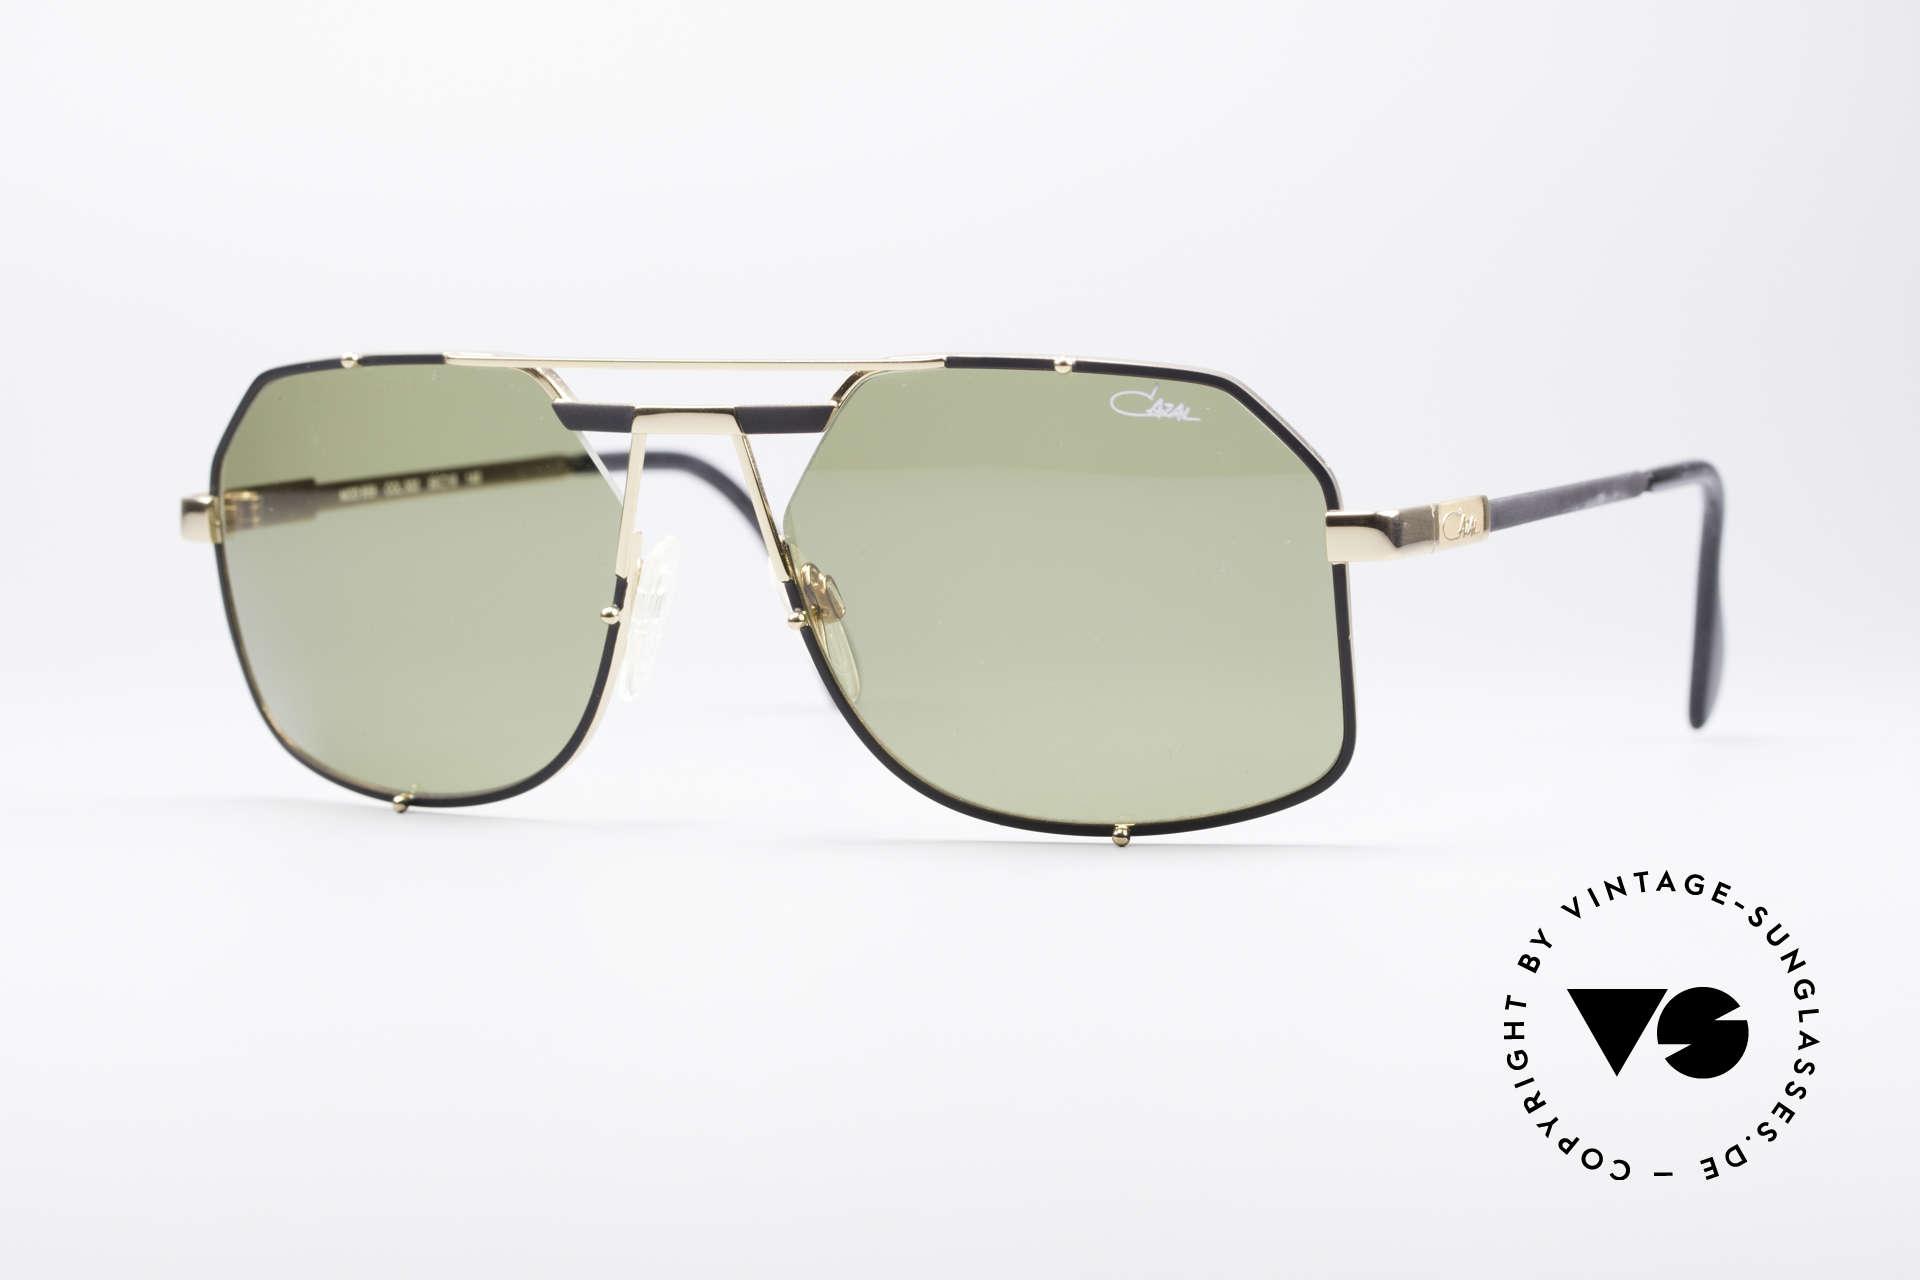 Cazal 959 90er Designer Herrenbrille, sehr elegantes Cazal Designer-Modell von 1993, Passend für Herren